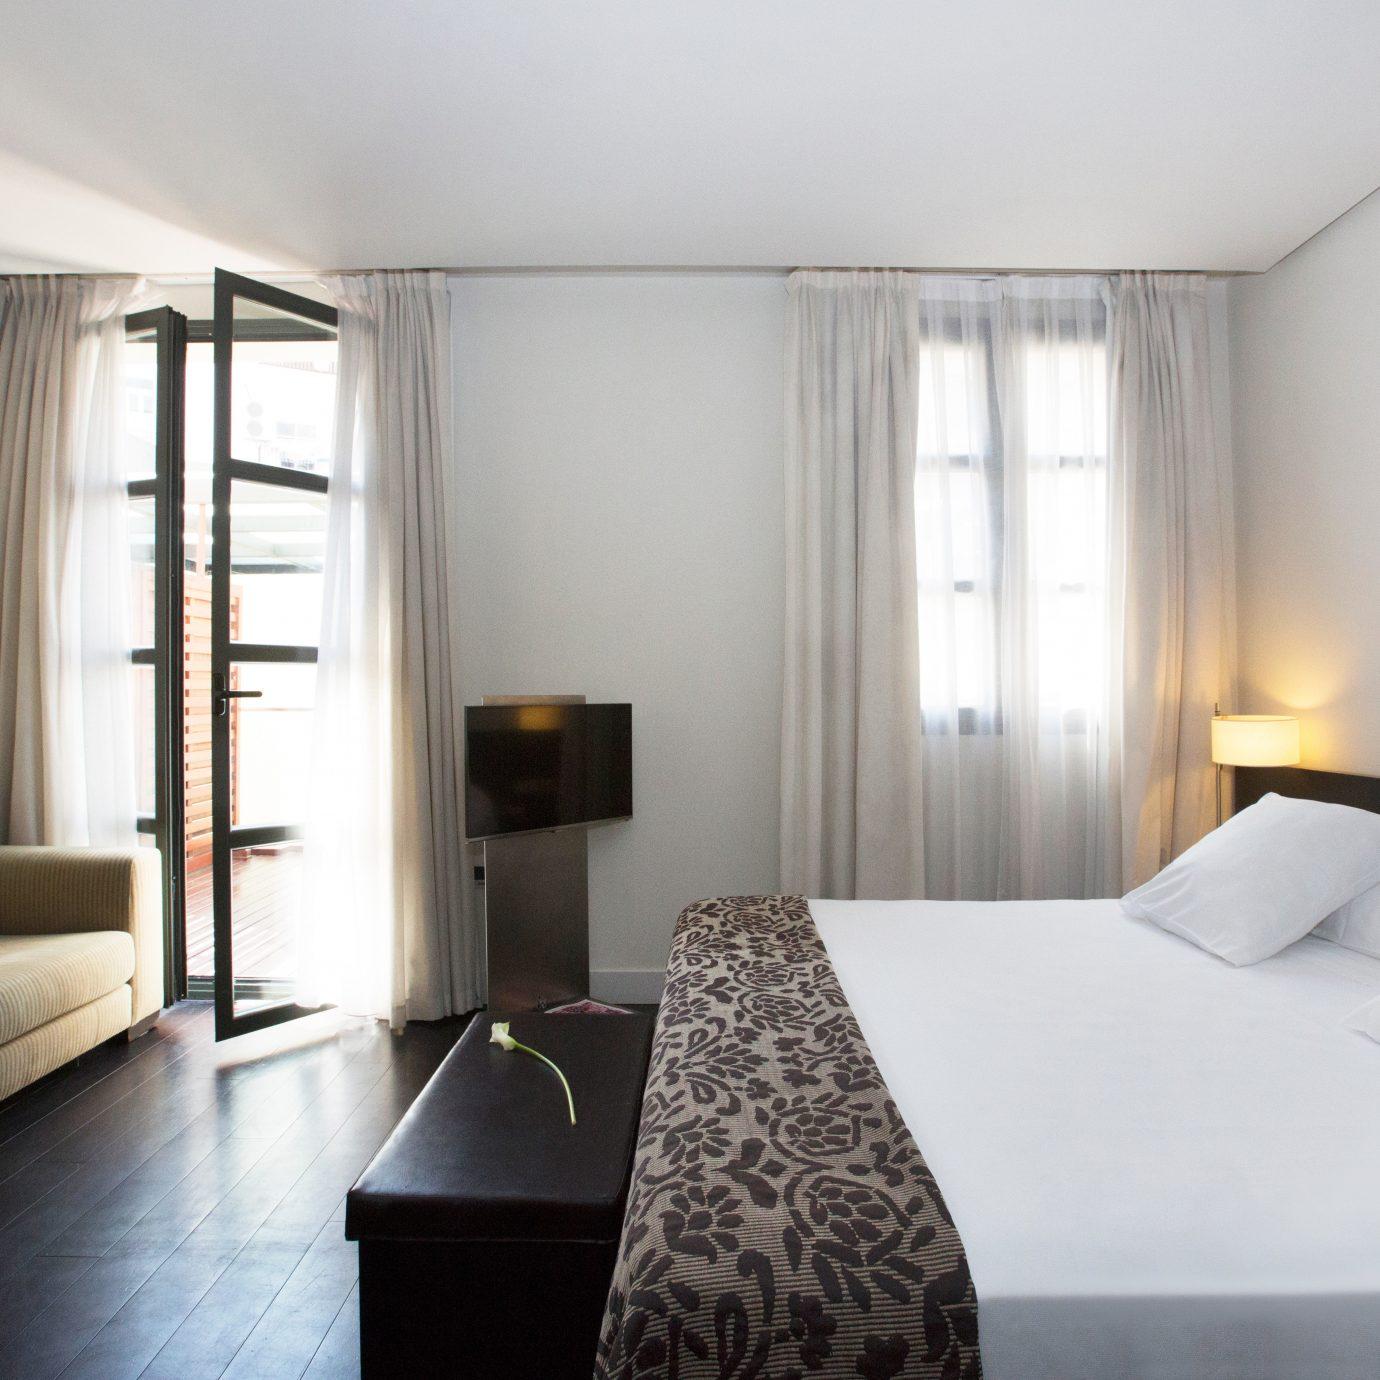 Bedroom Boutique Budget City Hip Modern sofa property Suite condominium cottage pillow